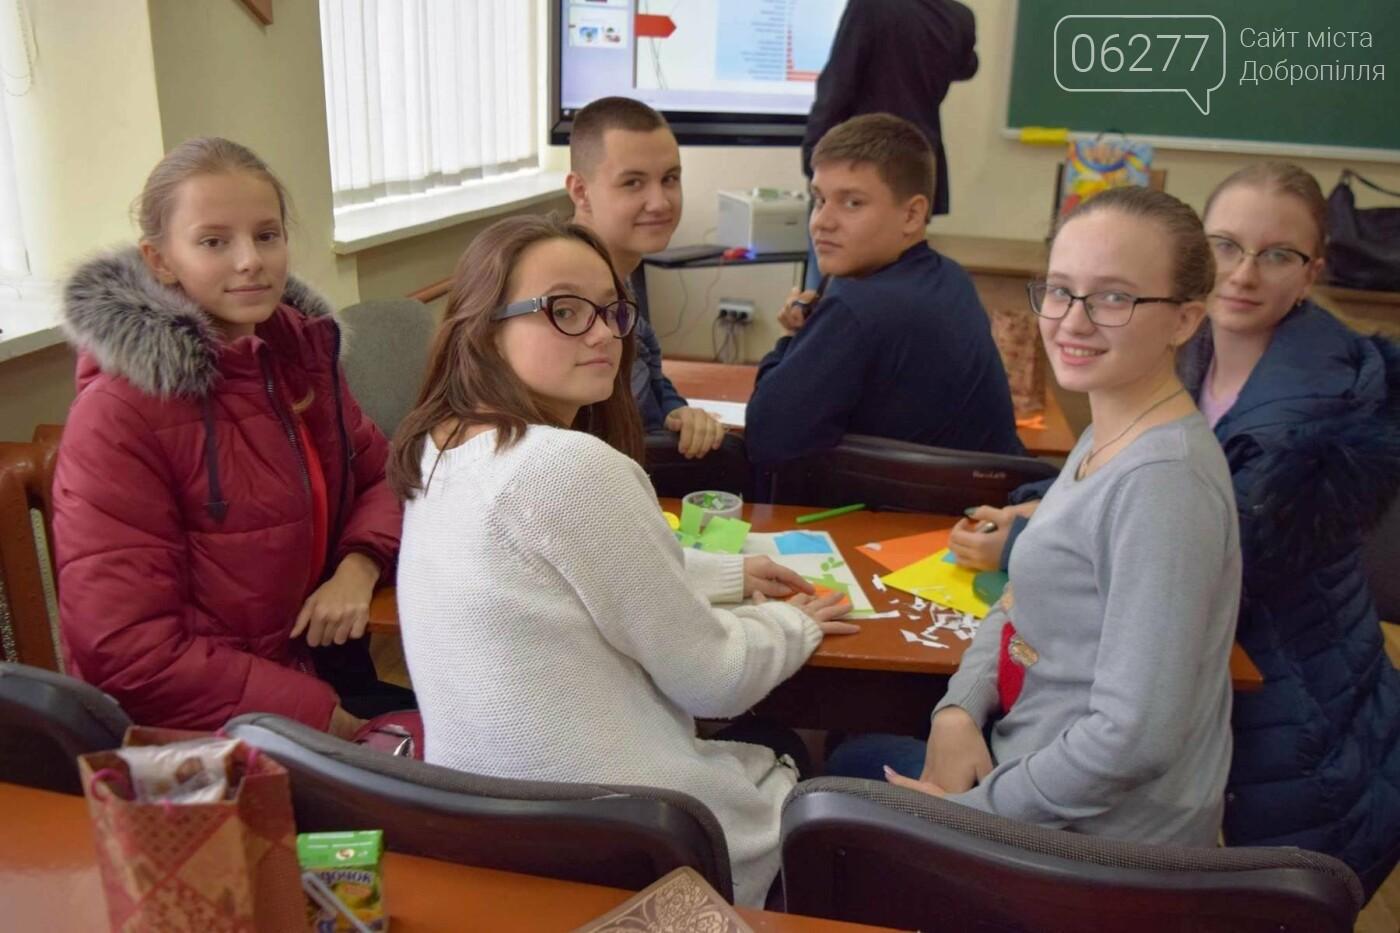 Смастерить солнечную печь и поджарить на ней яичницу научились школьники из Доброполья, фото-3